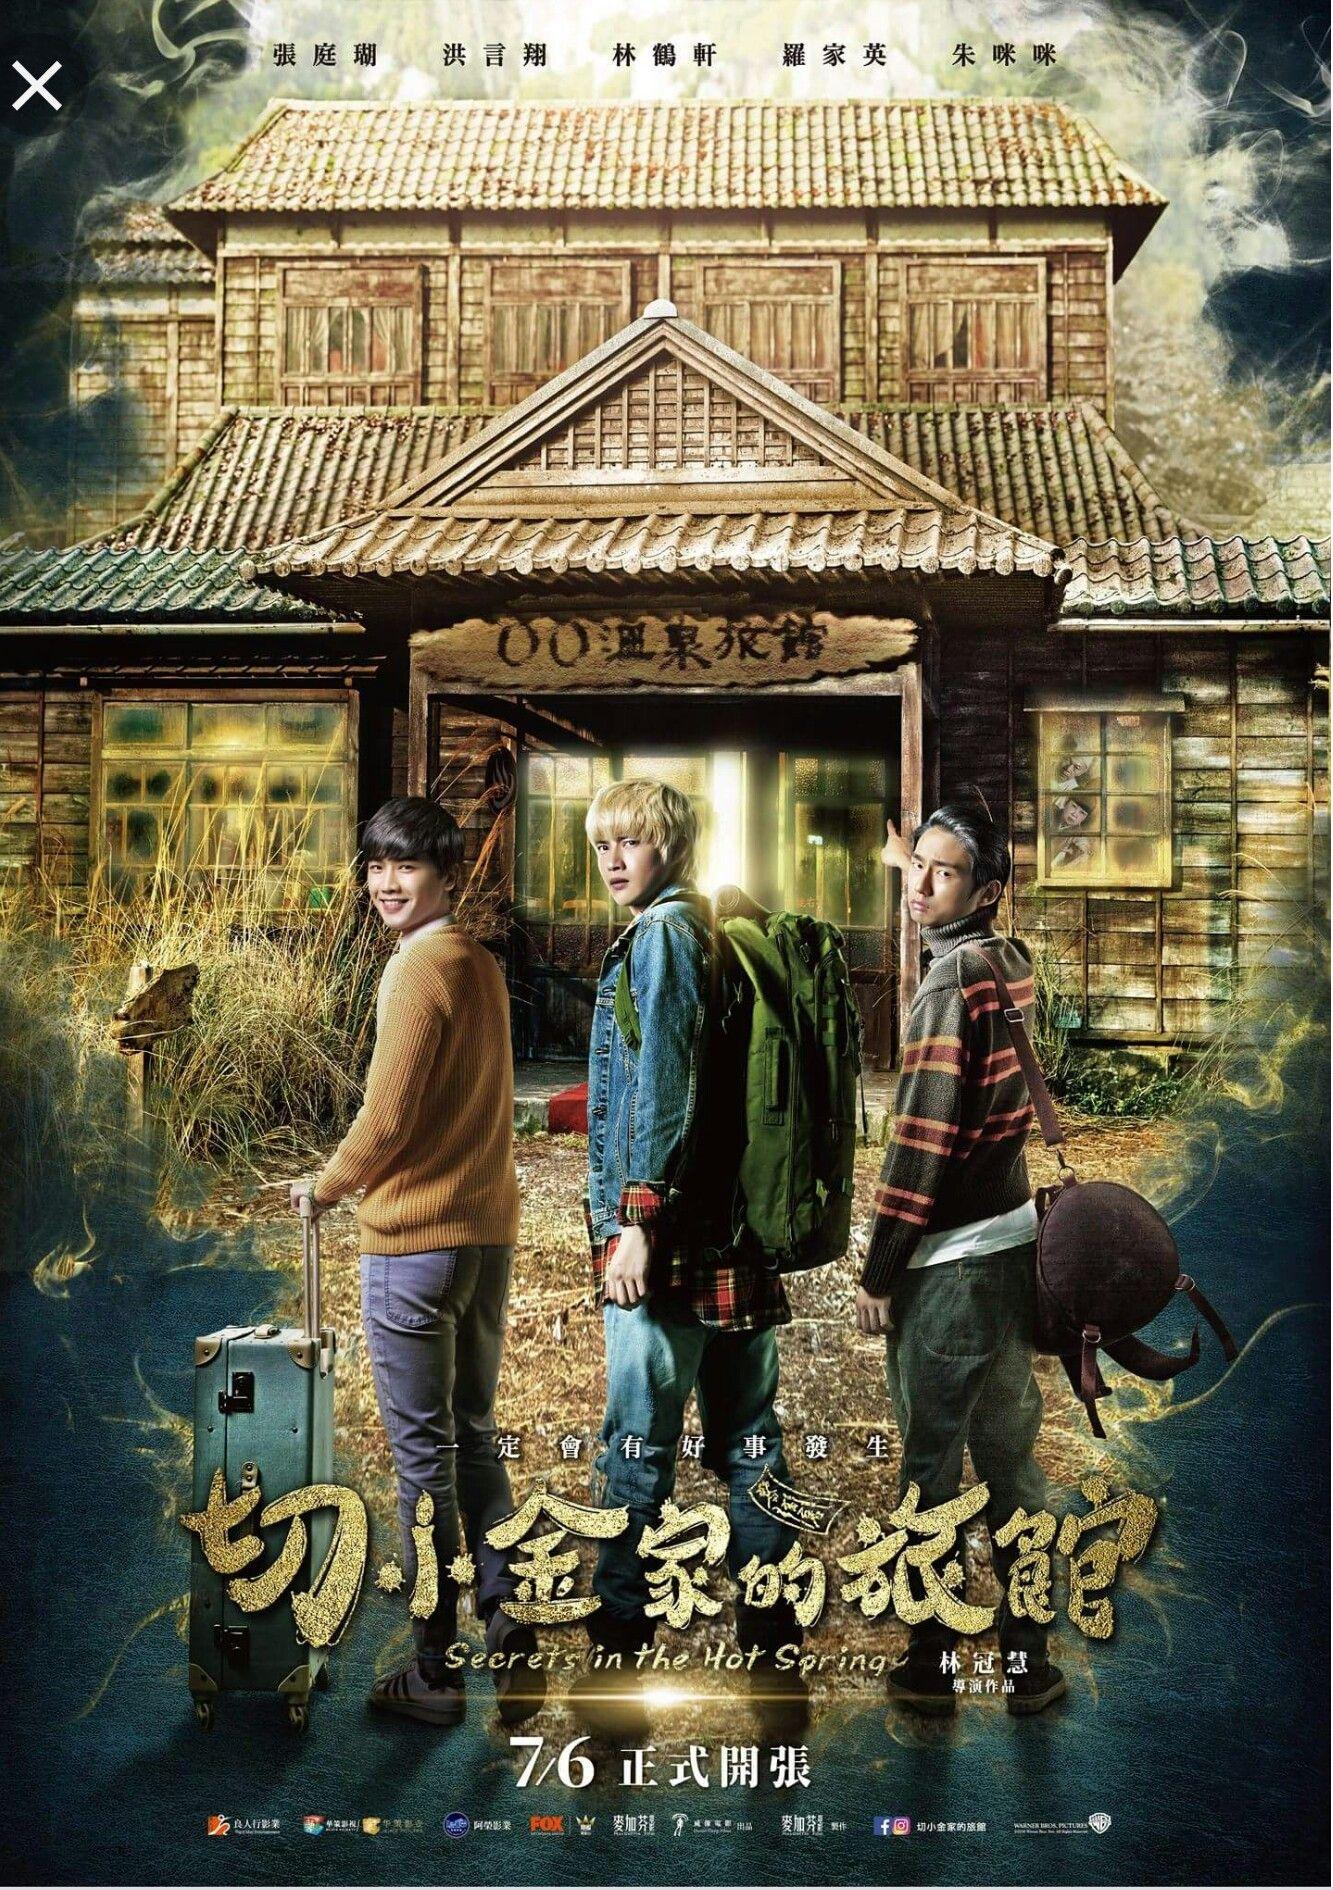 Pin by Hellokittycu on Movies Spring movie, Hot springs